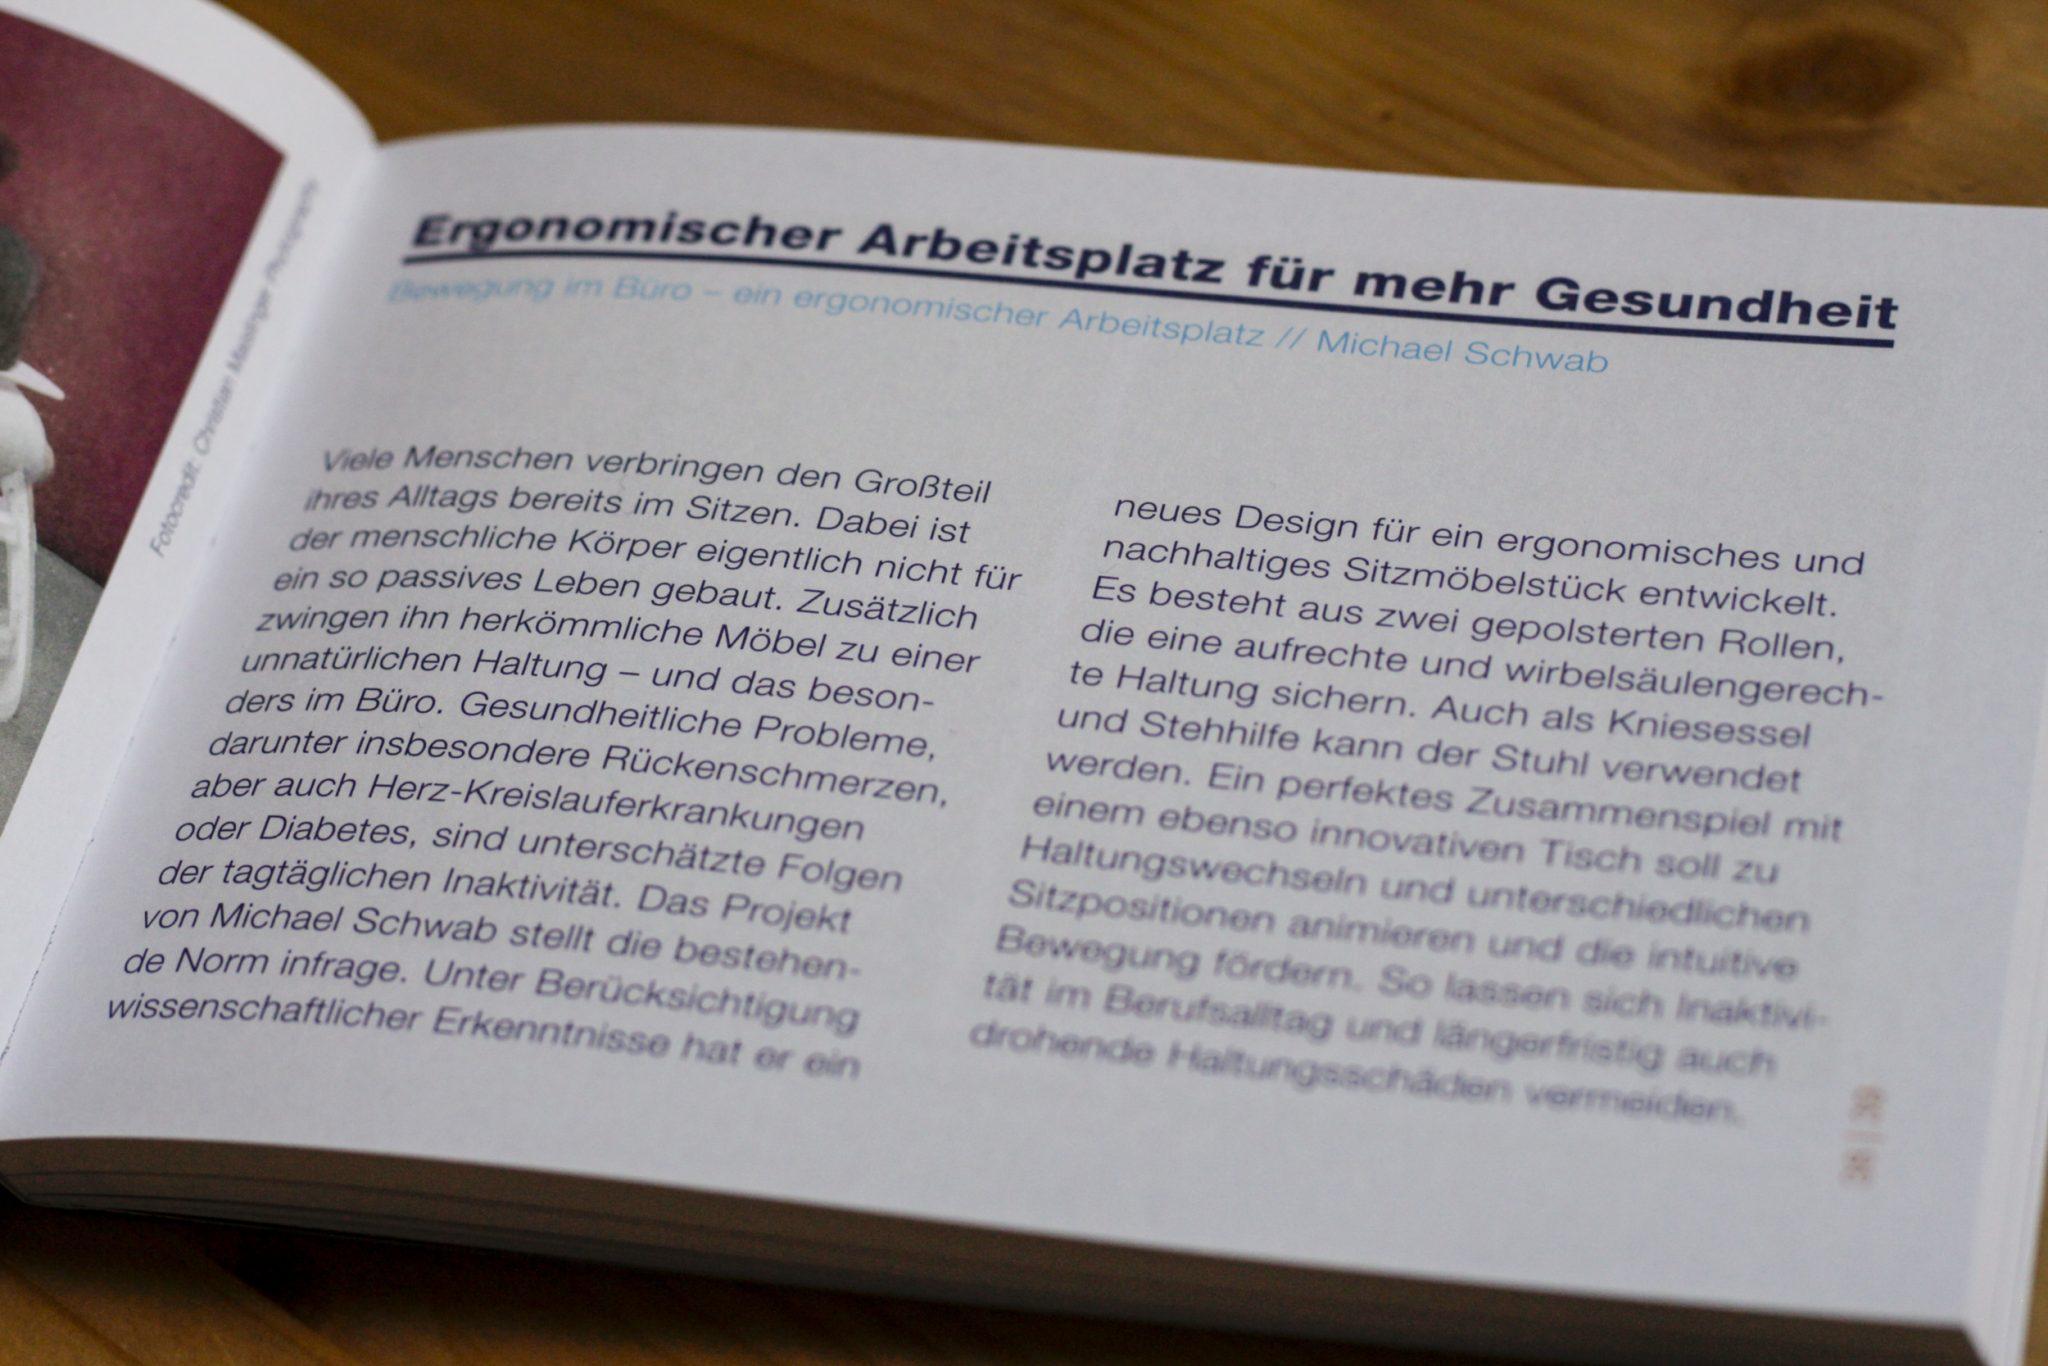 nachhaltiges moebel design salzburg ergonomischer arbeitsplatz aws